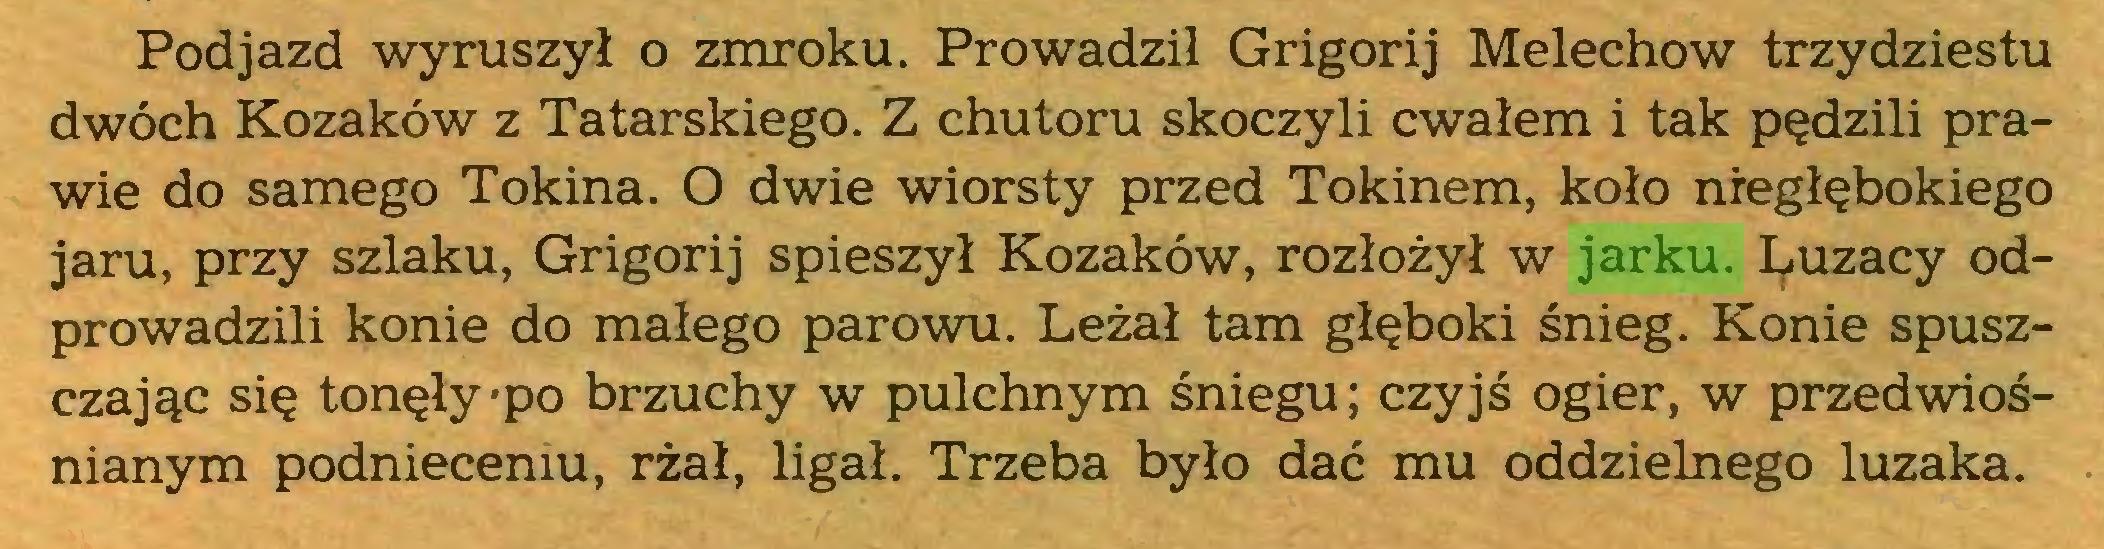 (...) Podjazd wyruszył o zmroku. Prowadził Grigorij Melechow trzydziestu dwóch Kozaków z Tatarskiego. Z chutoru skoczyli cwałem i tak pędzili prawie do samego Tokina. O dwie wiorsty przed Tokinem, koło nregłębokiego jaru, przy szlaku, Grigorij spieszył Kozaków, rozłożył w jarku. I^uzacy odprowadzili konie do małego parowu. Leżał tam głęboki śnieg. Konie spuszczając się tonęły po brzuchy w pulchnym śniegu; czyjś ogier, w przedwiośnianym podnieceniu, rżał, ligał. Trzeba było dać mu oddzielnego luzaka...